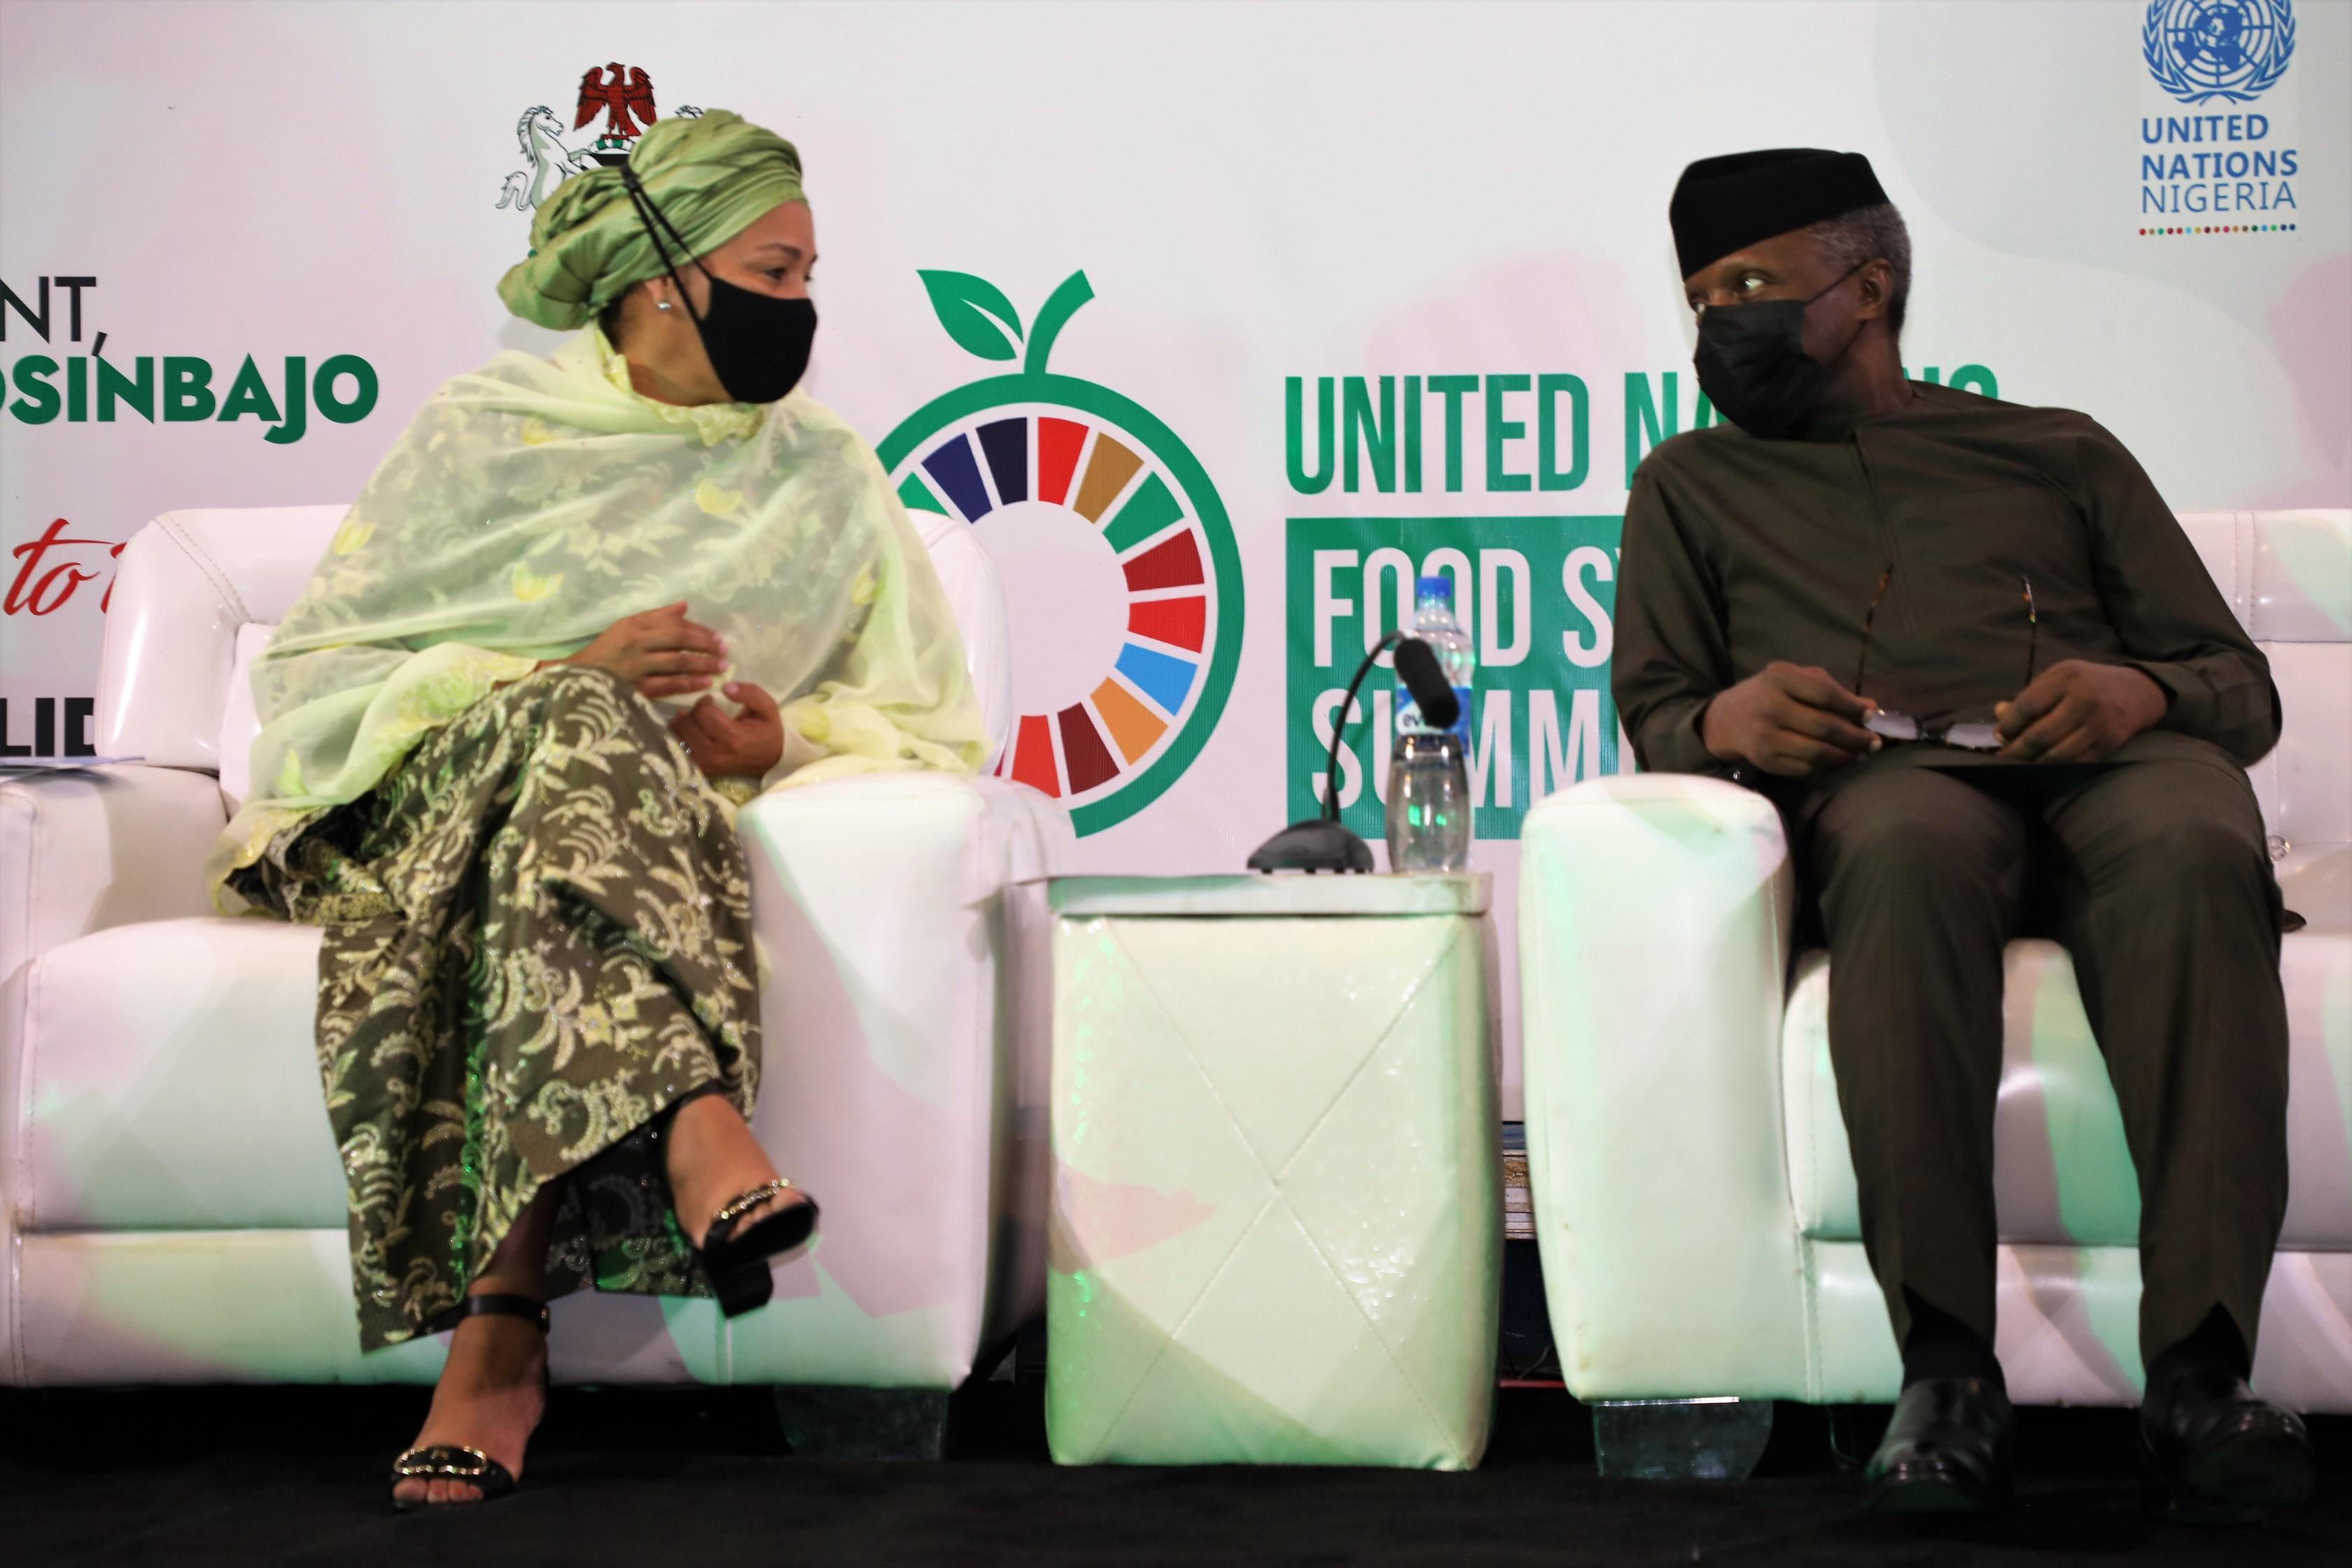 Food systems transformation is essential – Deputy Secretary-General